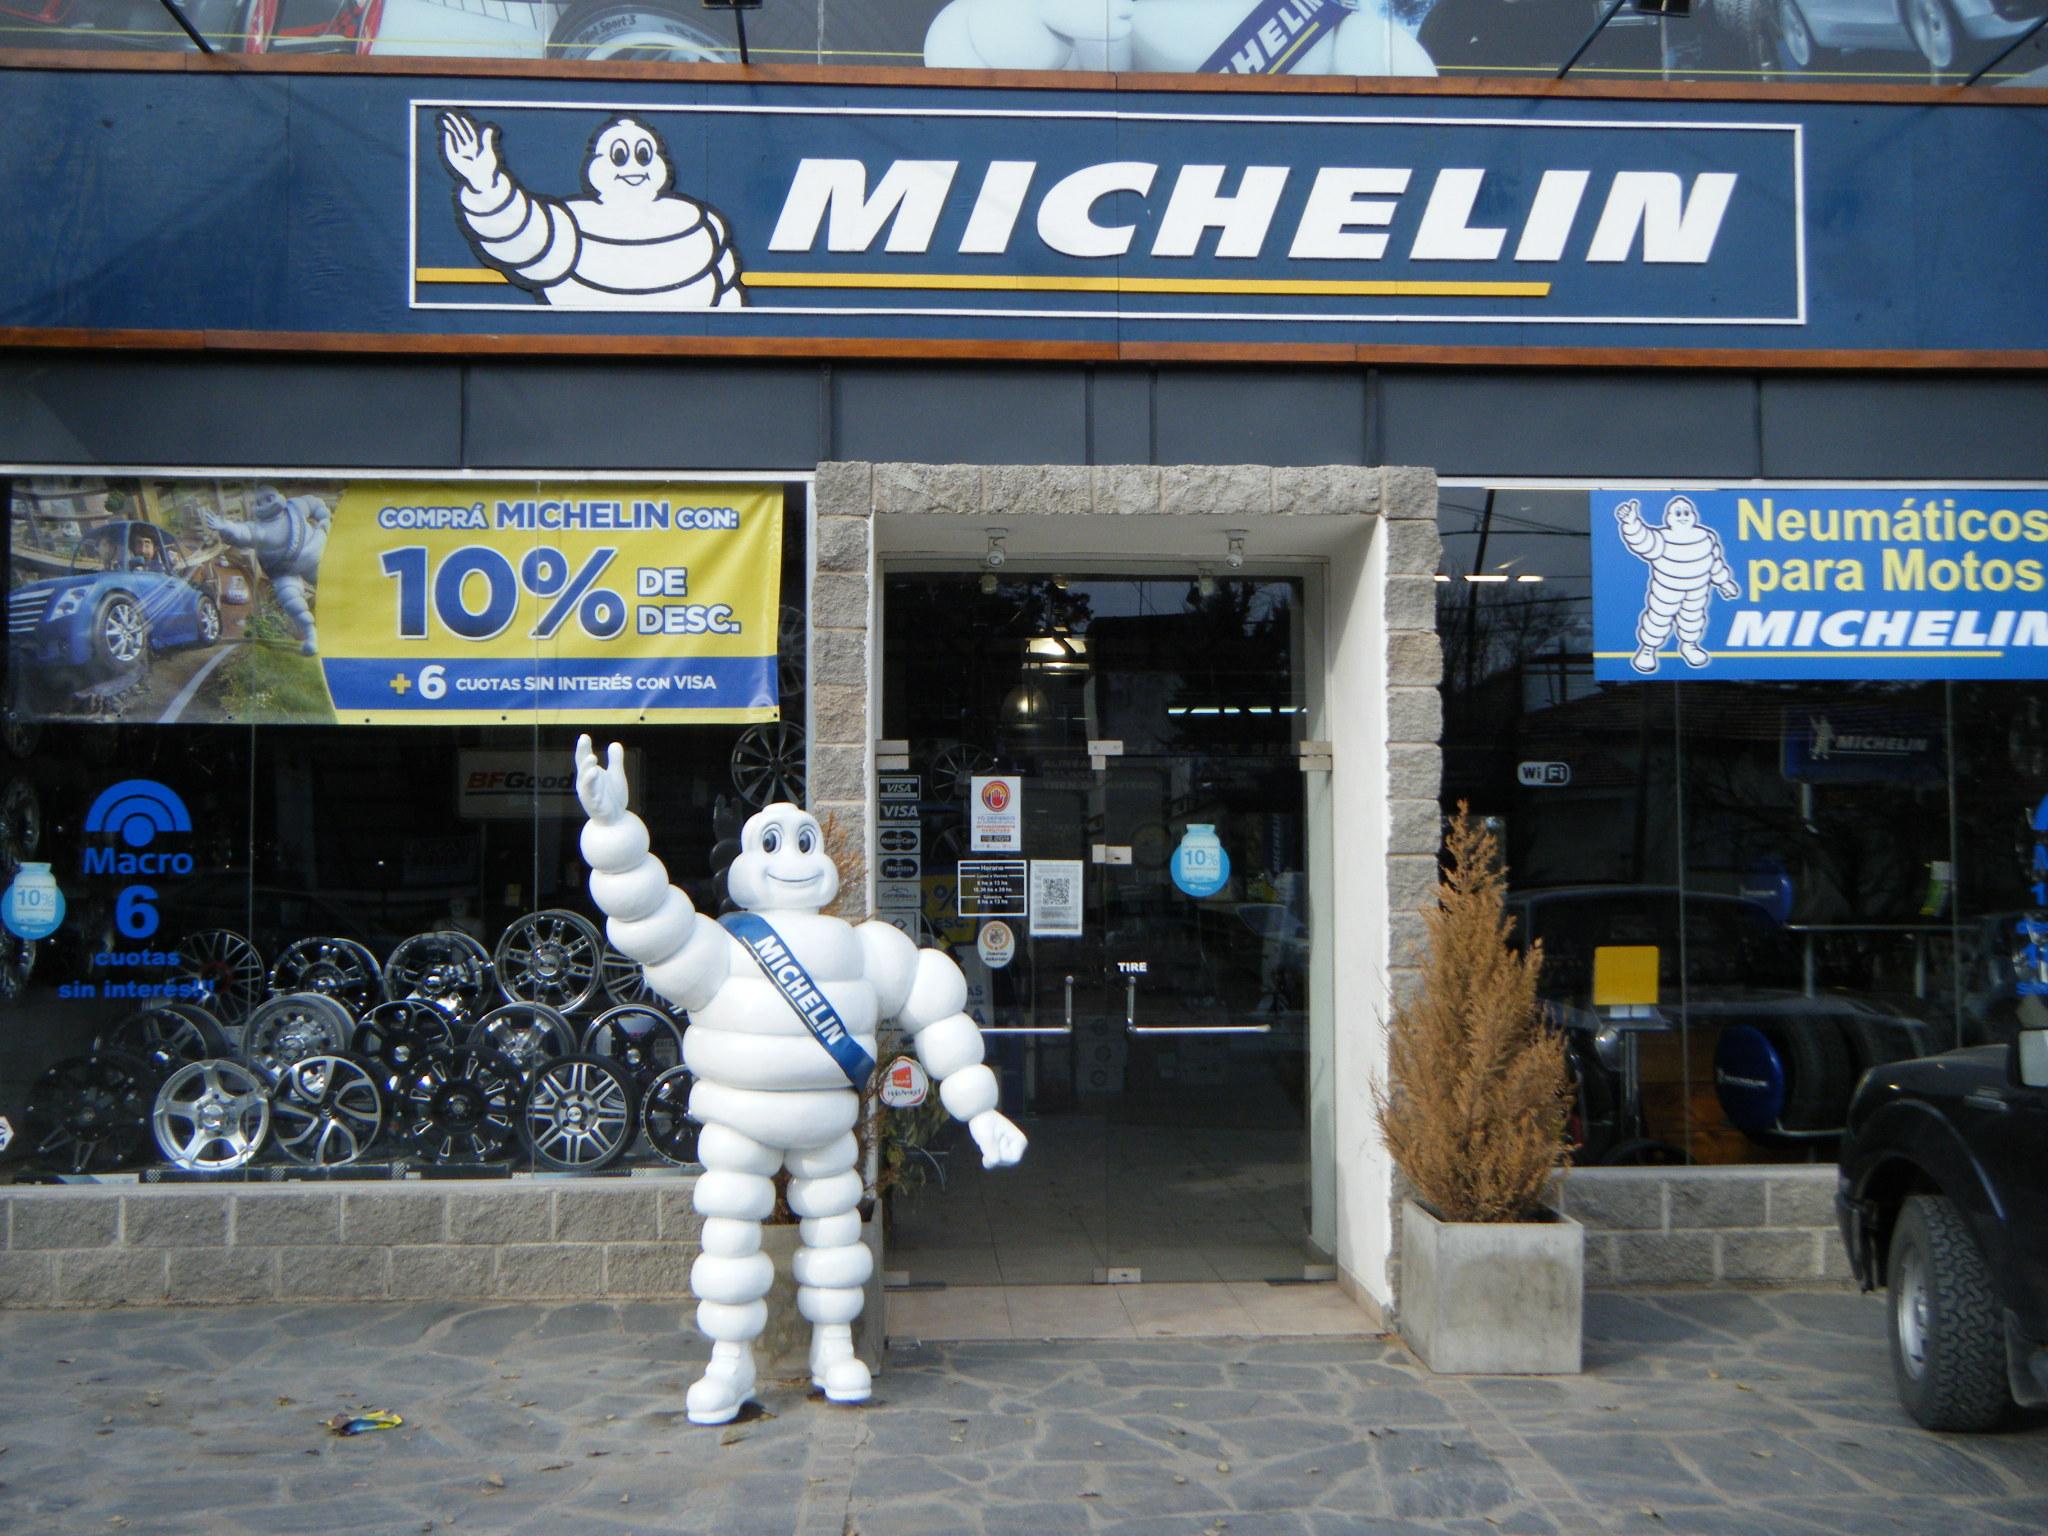 Bibendum el logo de Michelin